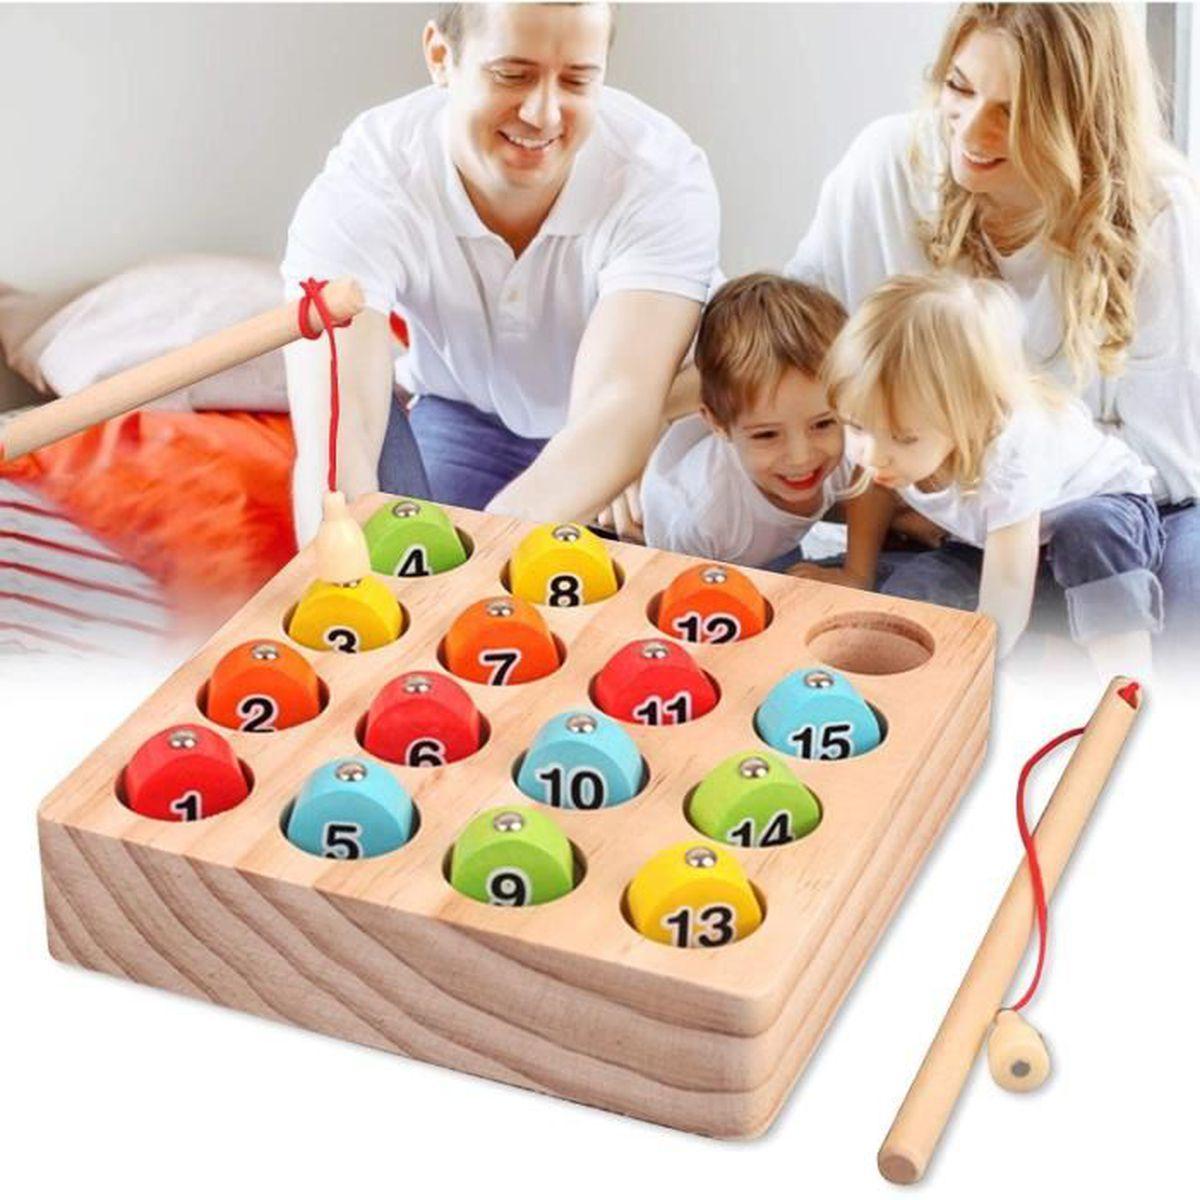 2 In 1 Jeux Montessori 2 Ans 3 Ans 4 Ans Jeu De Tri De Couleur Peche Jouets Educatif Jouet Enfant 3 Ans Achat Vente Coffret Cadeau 2008036851199 Cdiscount